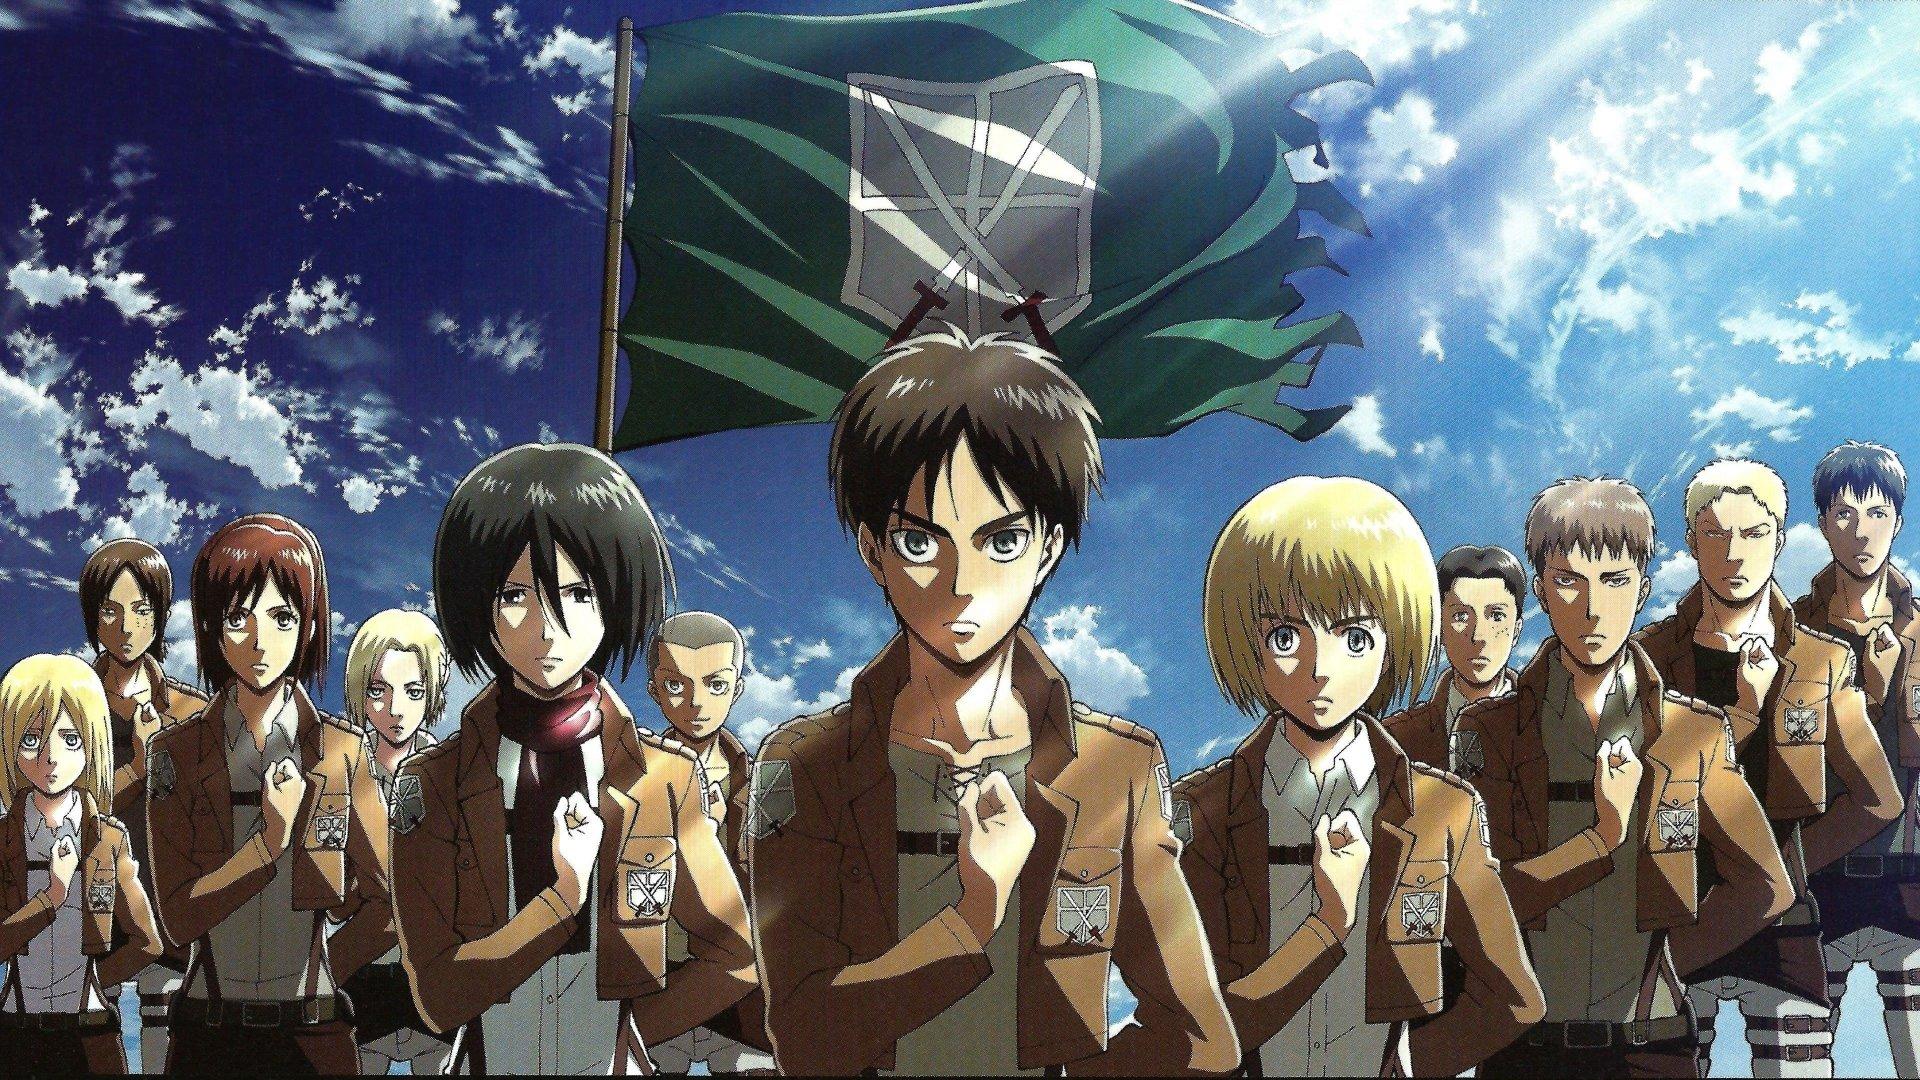 Anime Attack On Titan Bertolt Hoover Reiner Braun Jean Kirstein Marco Bott Armin Arlert Eren Yeager Mikasa A Attack On Titan Season Attack On Titan Anime Anime